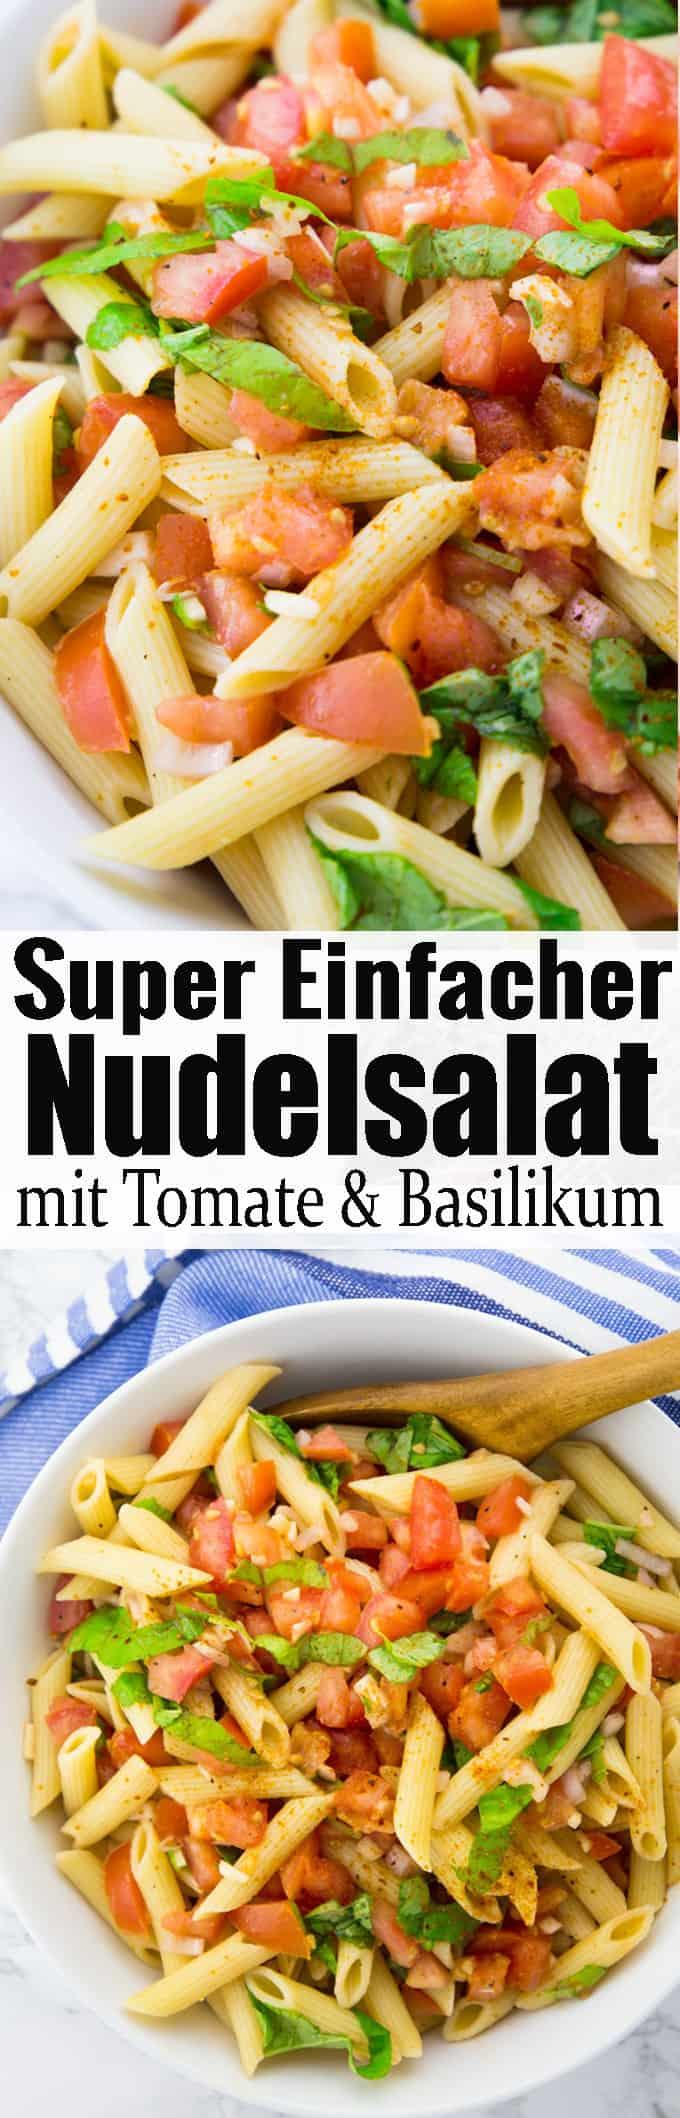 per leckerer und einfacher mediterraner Nudelsalat mit Tomate und Basilikum! Wenn ihr auf der Suche nach einem einfachen Nudelsalat zum Grillen seid, dann ist dieser italienische Nudelsalat perfekt für euch. Mehr leckere vegane Rezepte und Grillrezepte findet ihr auf meinem Blog veganheaven.de! #Nudelsalat #grillen #Sommerrezepte